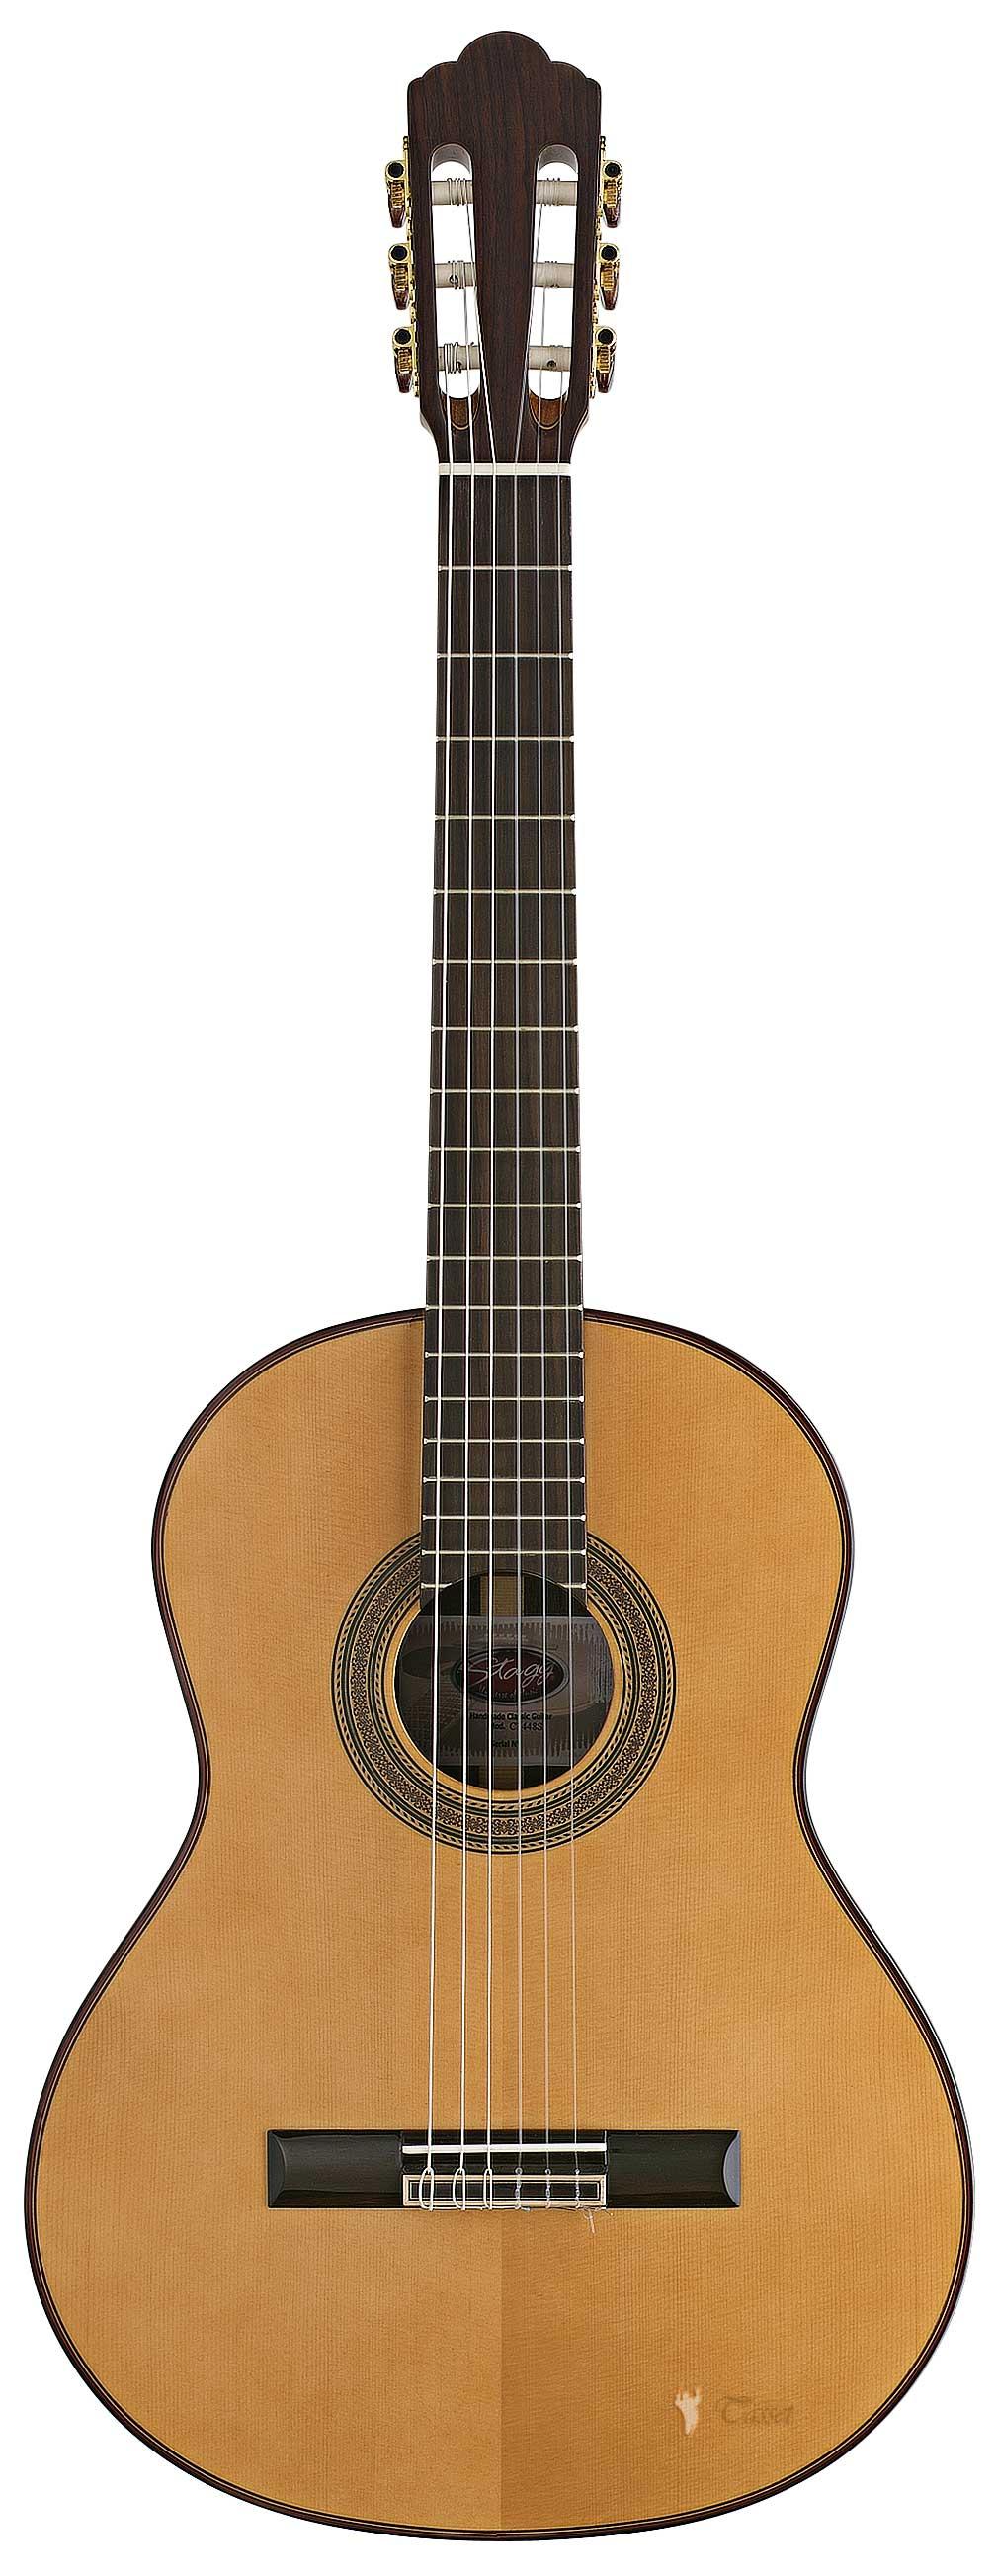 Crescendo asni res b con flachat 92 accueil - Cours de guitare le puy en velay ...